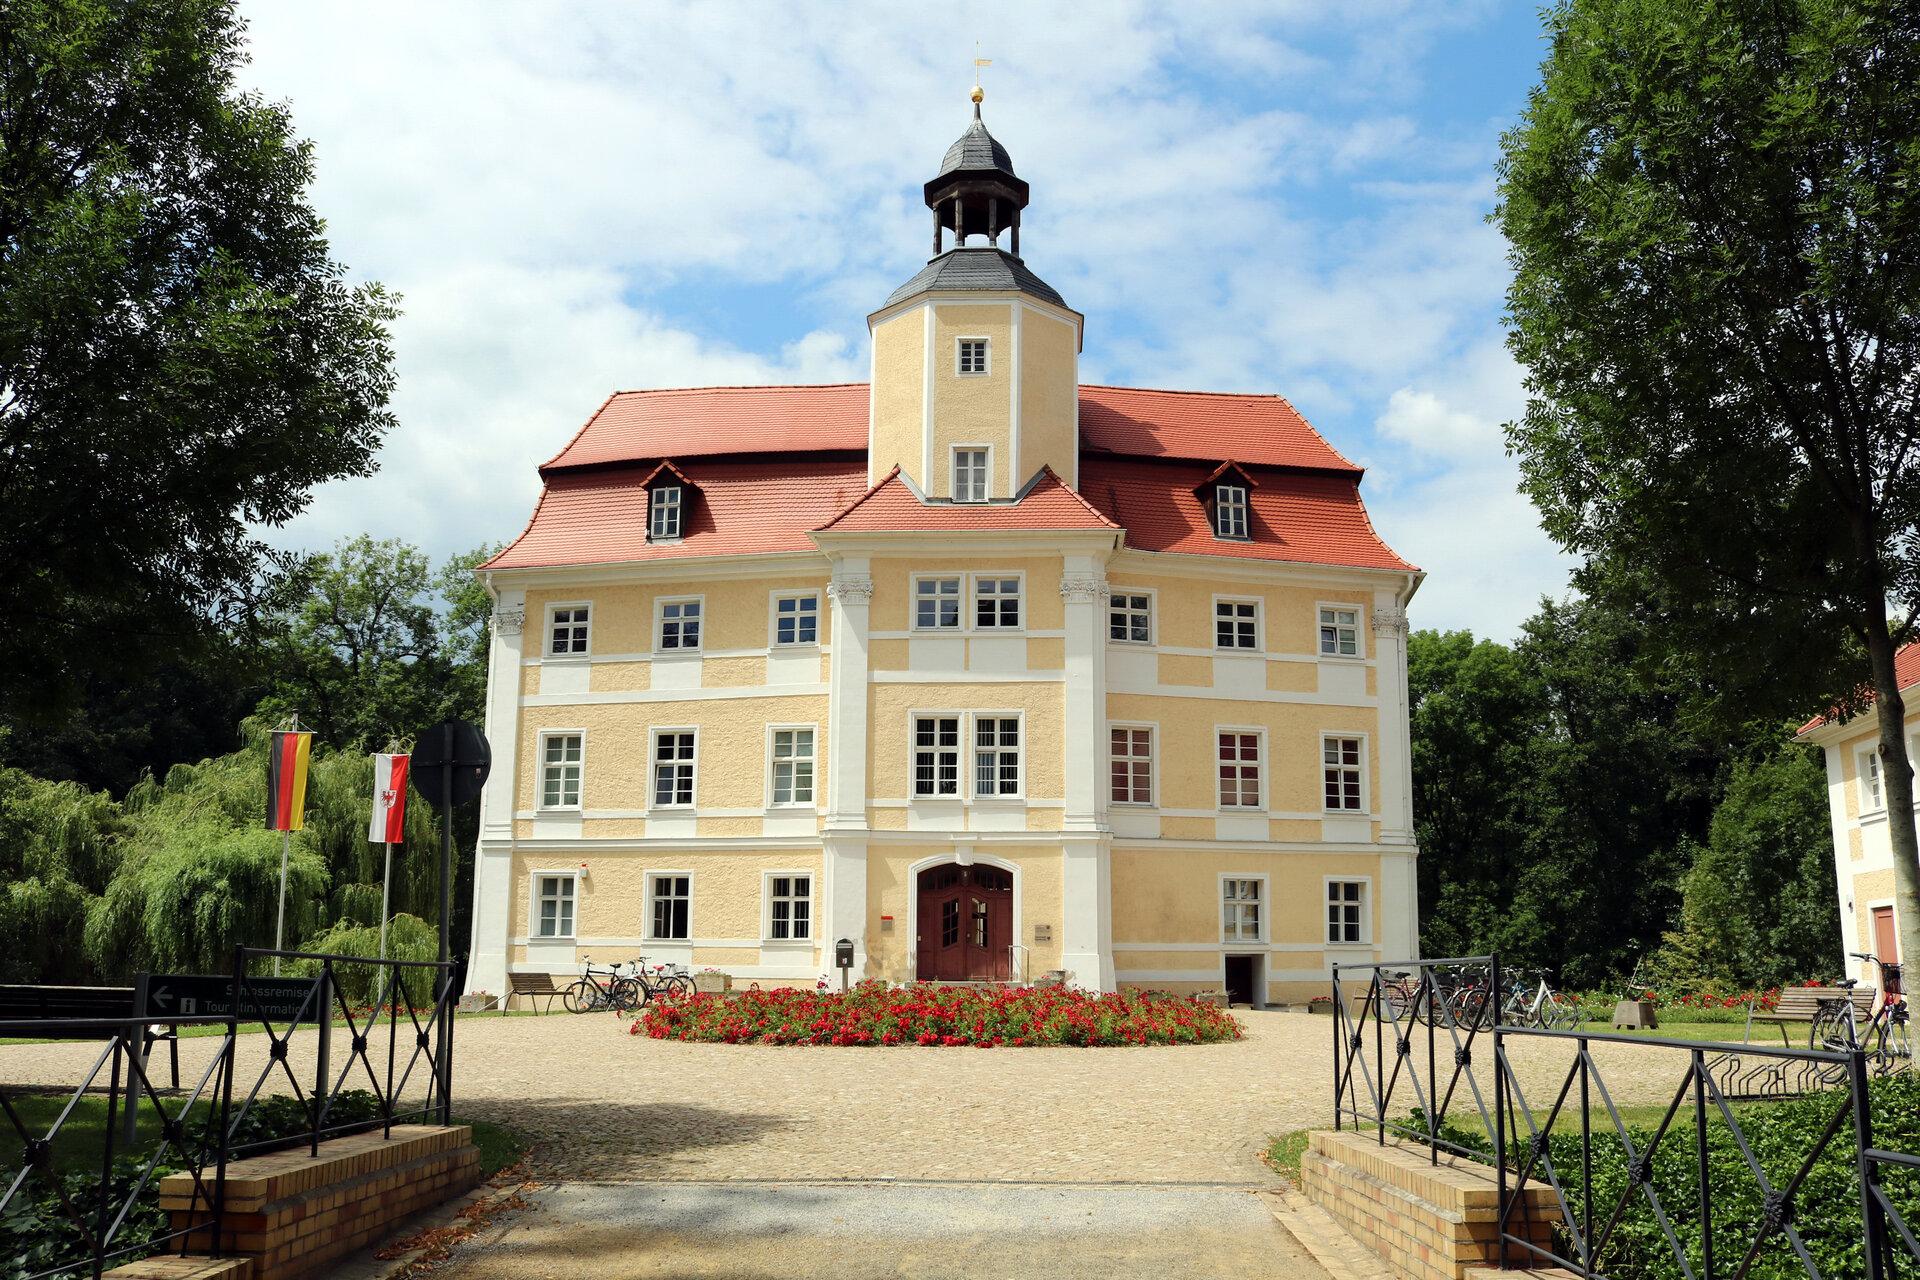 Stadtschloss Vetschau/Spreewald, Foto: Steffen Römelt